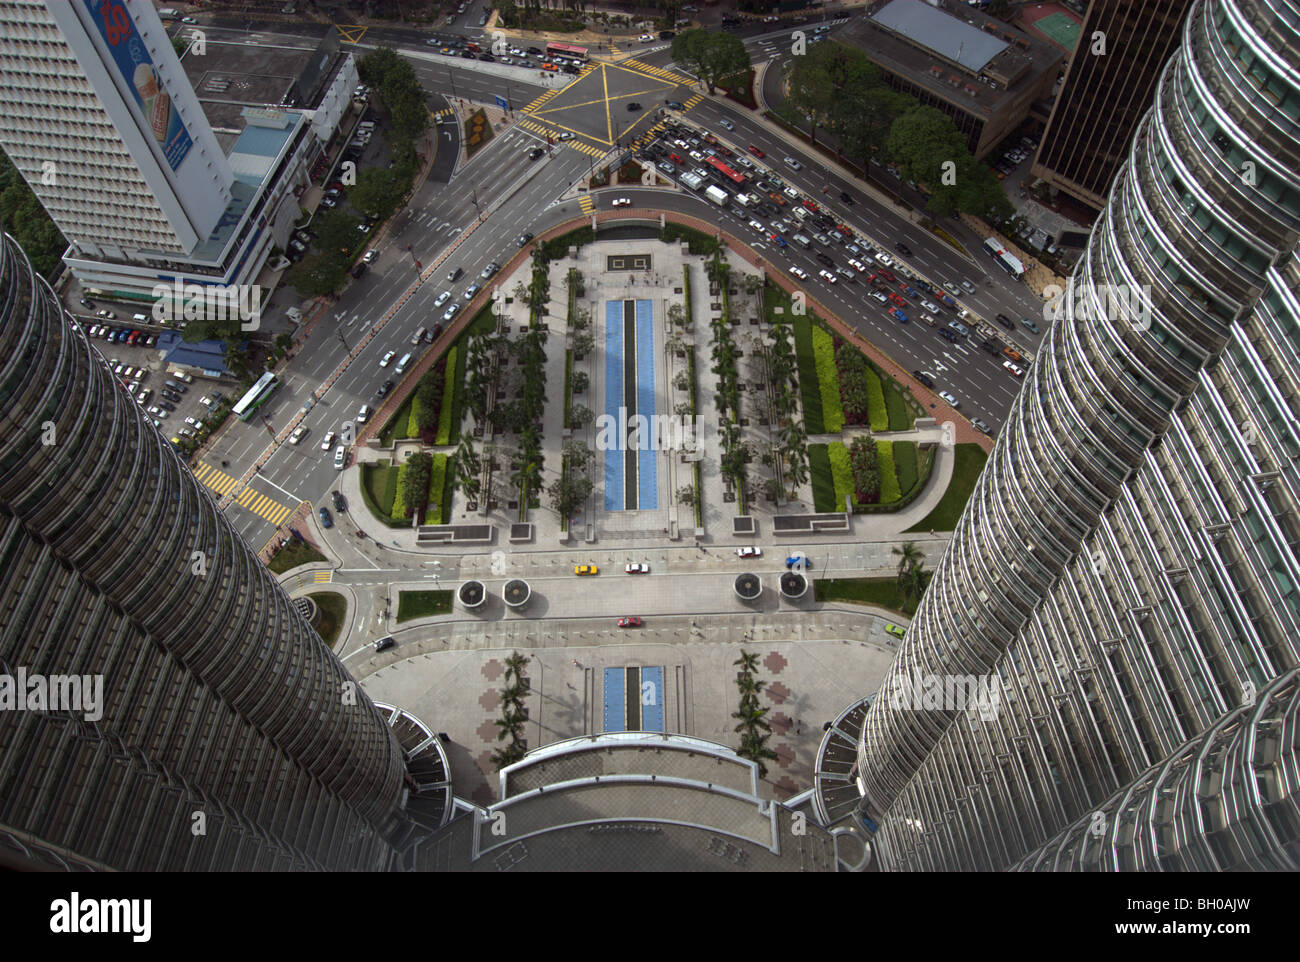 View of ground from Petronas Towers, Kuala Lumpur, Malaysia - Stock Image